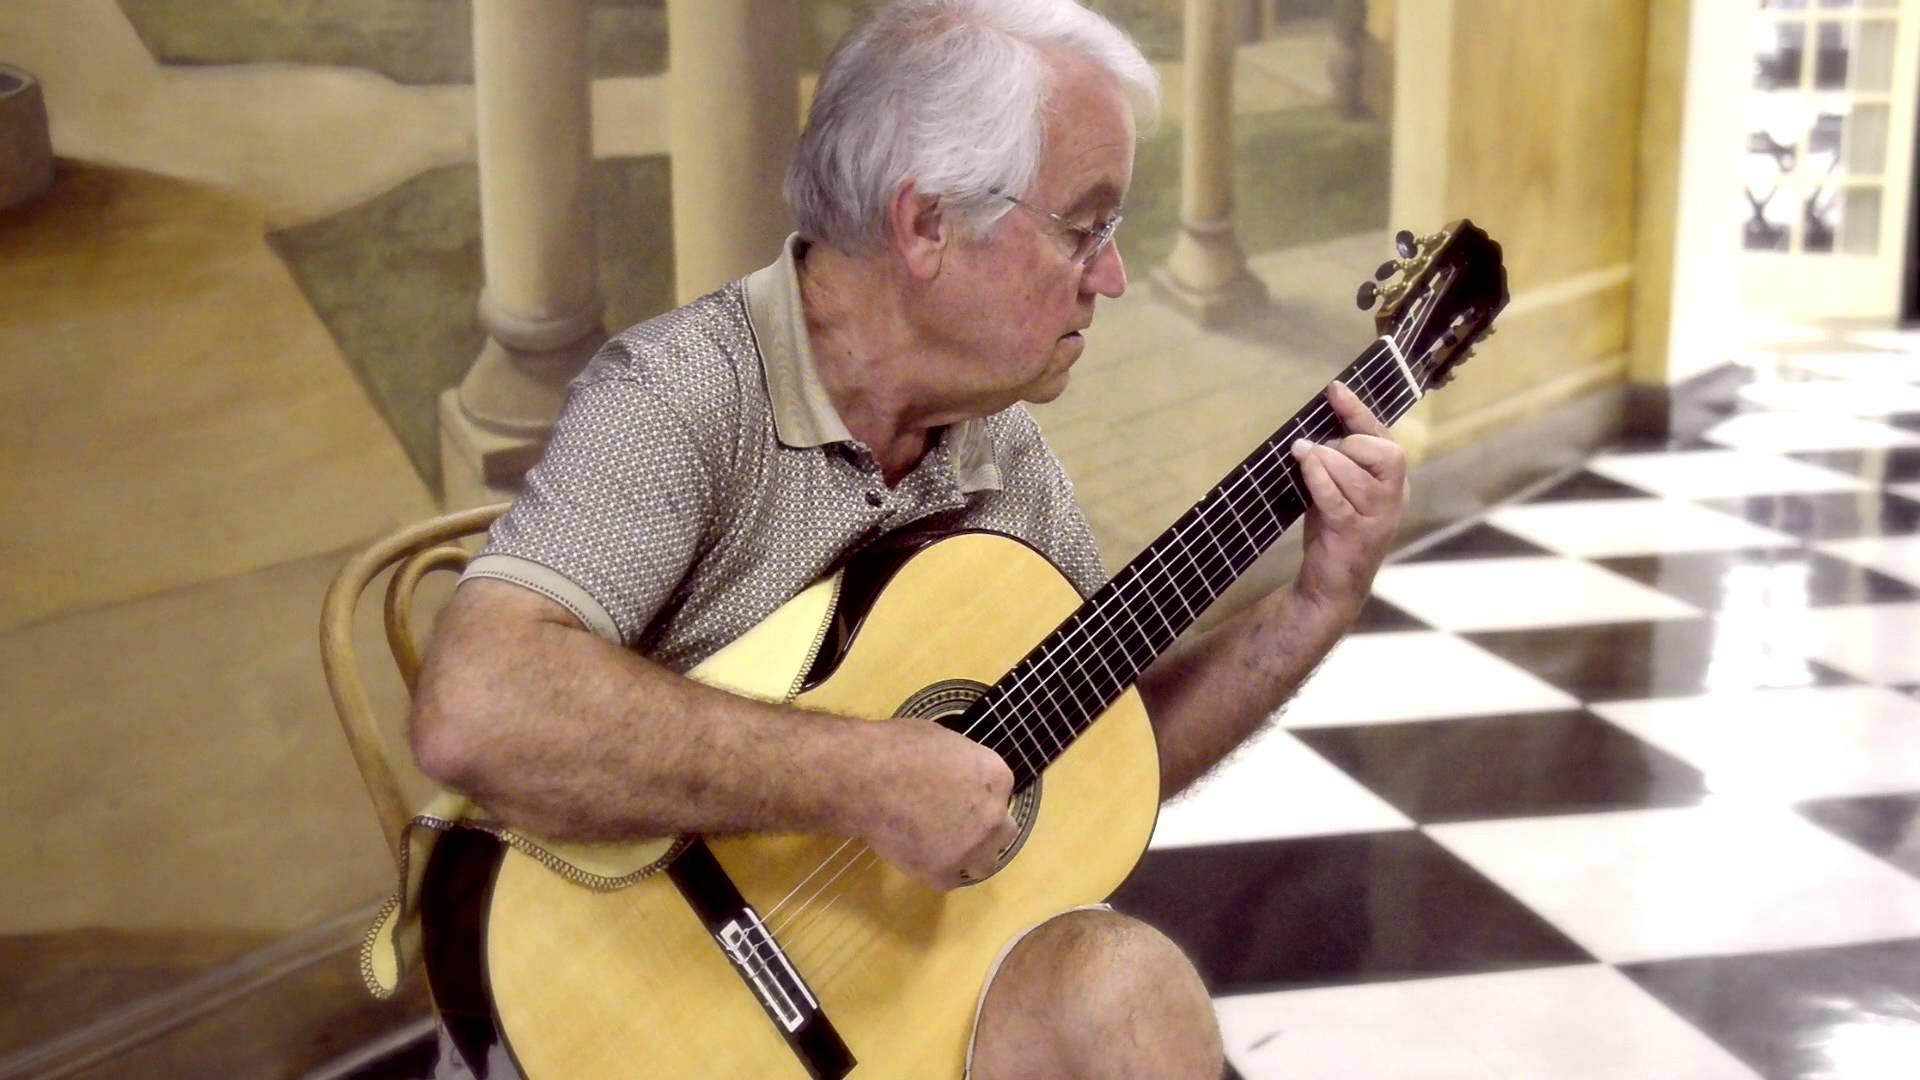 ジョージ・サケラリオウが弾くタレガの『ラグリマ』と『ワルツ』 TWパターソン・ビルでの演奏(ダイジェスト)